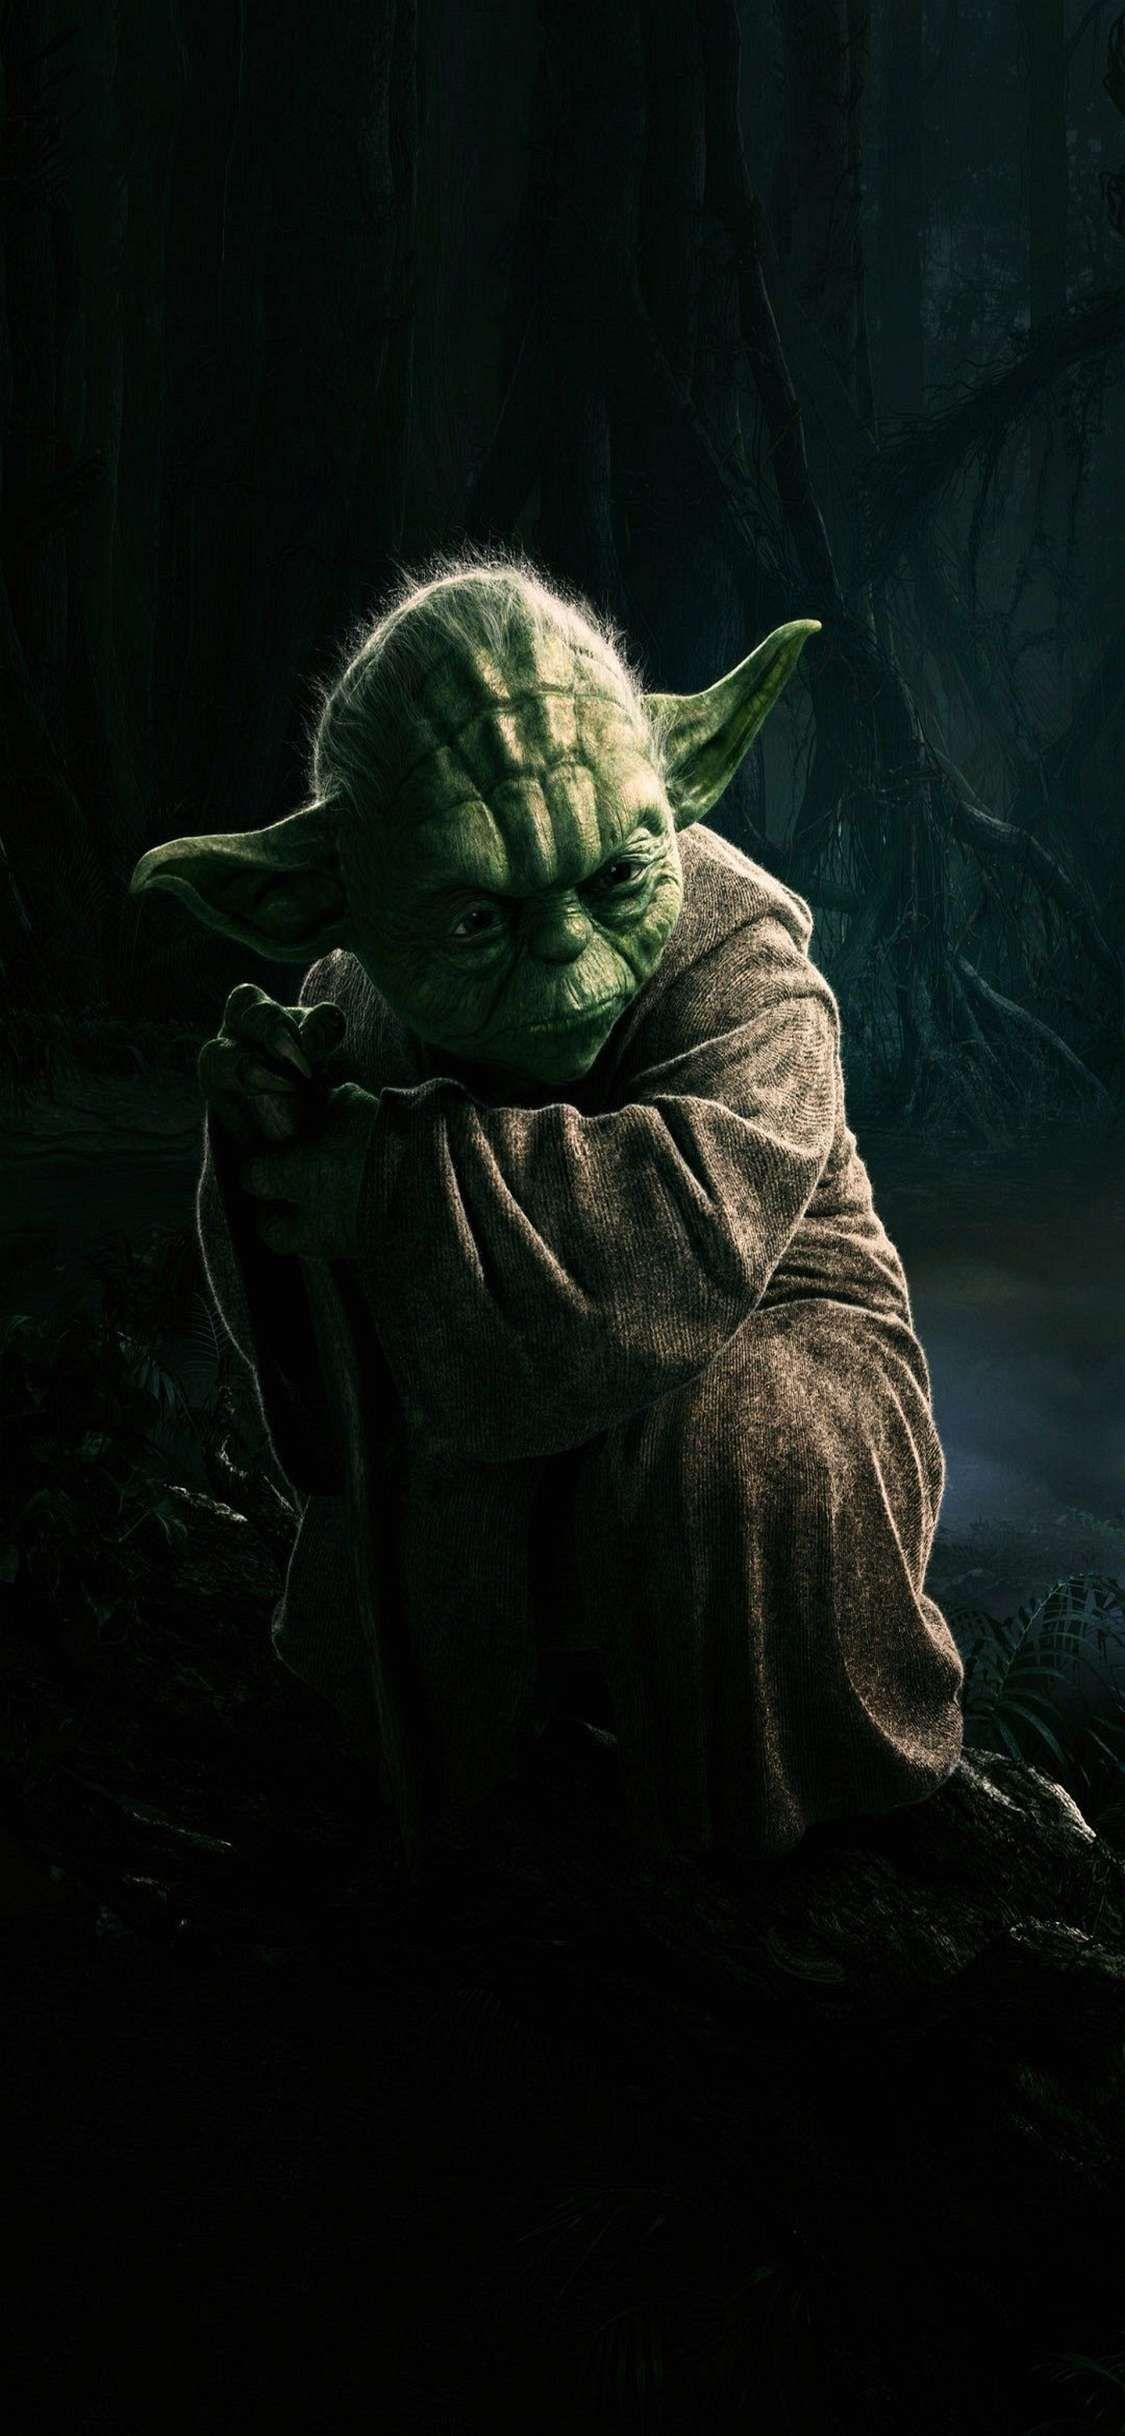 Iphone X Wallpaper Hd 82 Star Wars Yoda Art Star Wars Yoda Yoda Art